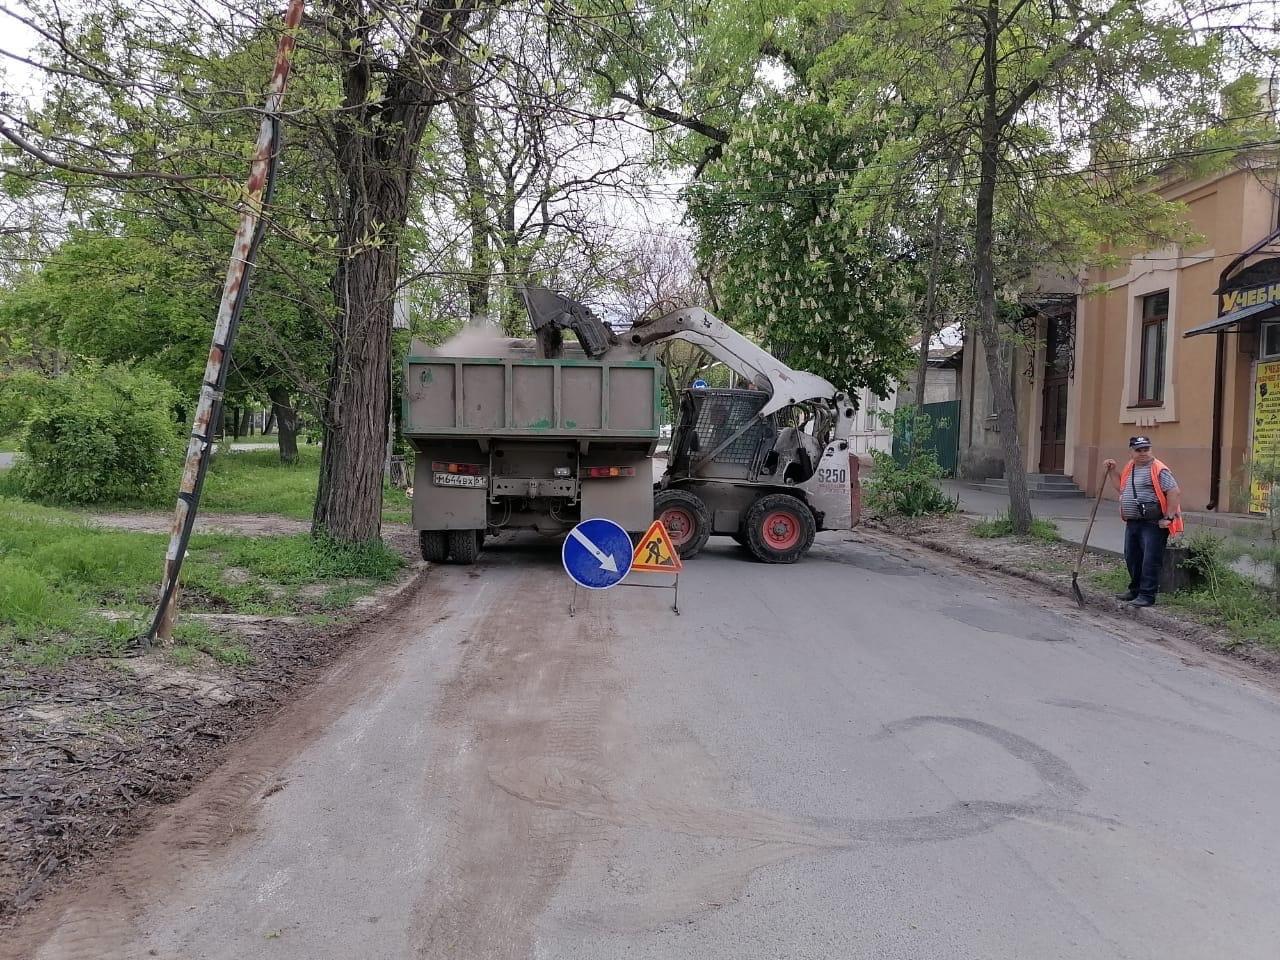 МКУ «Благоустройство»: В Таганроге продолжается уборка автомобильных дорог